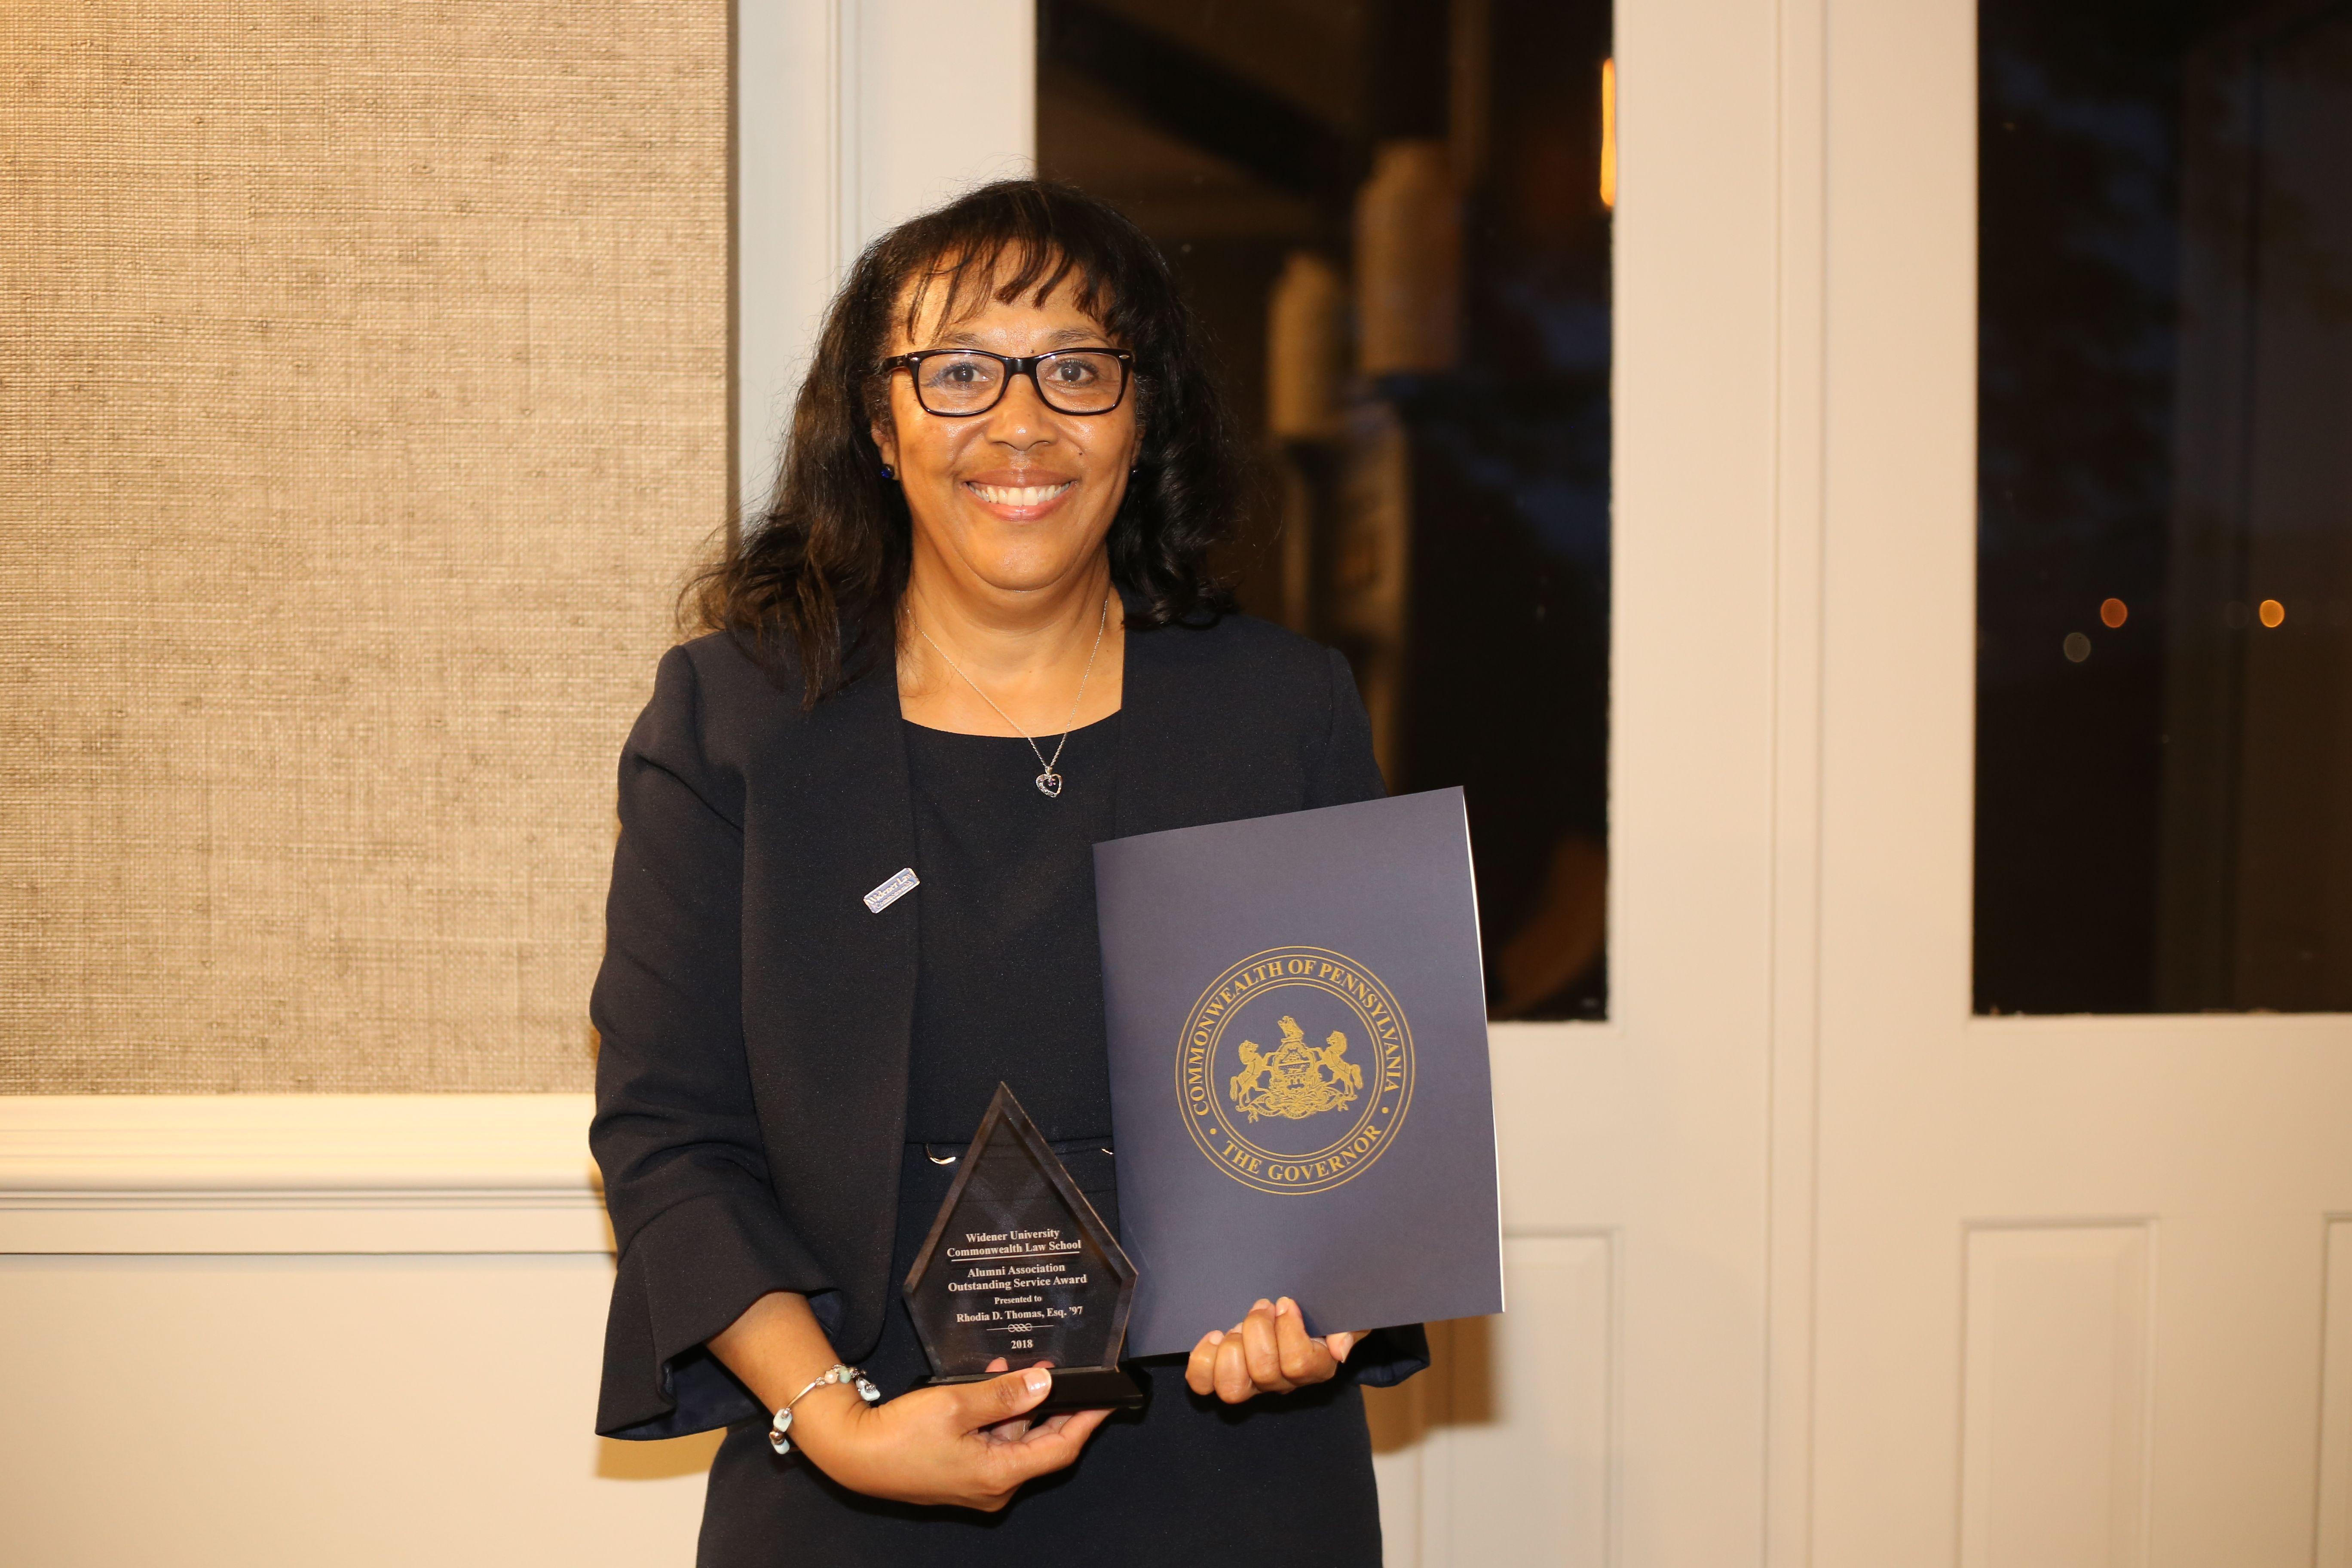 Rhodia Thomas Honored